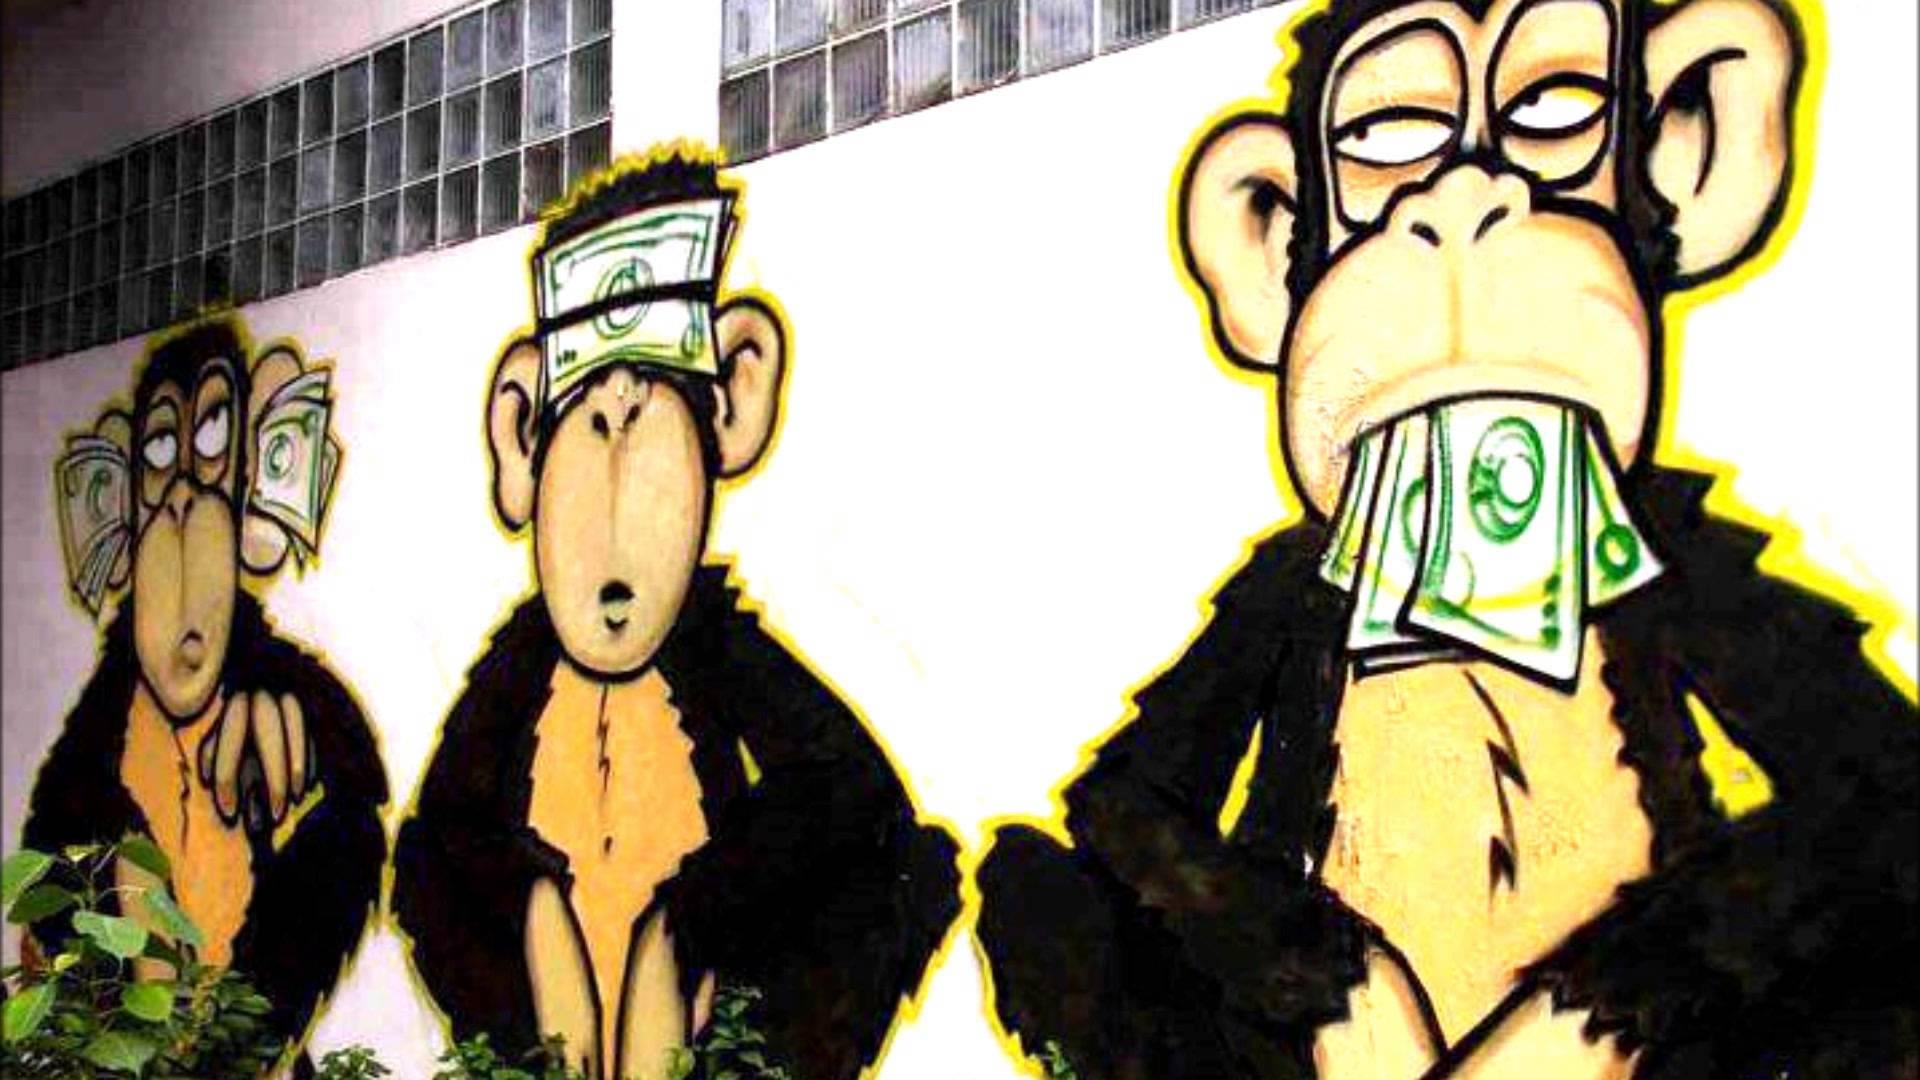 Dope Wallpaper Hd Tumblr Wallpaper HD 1920x1080